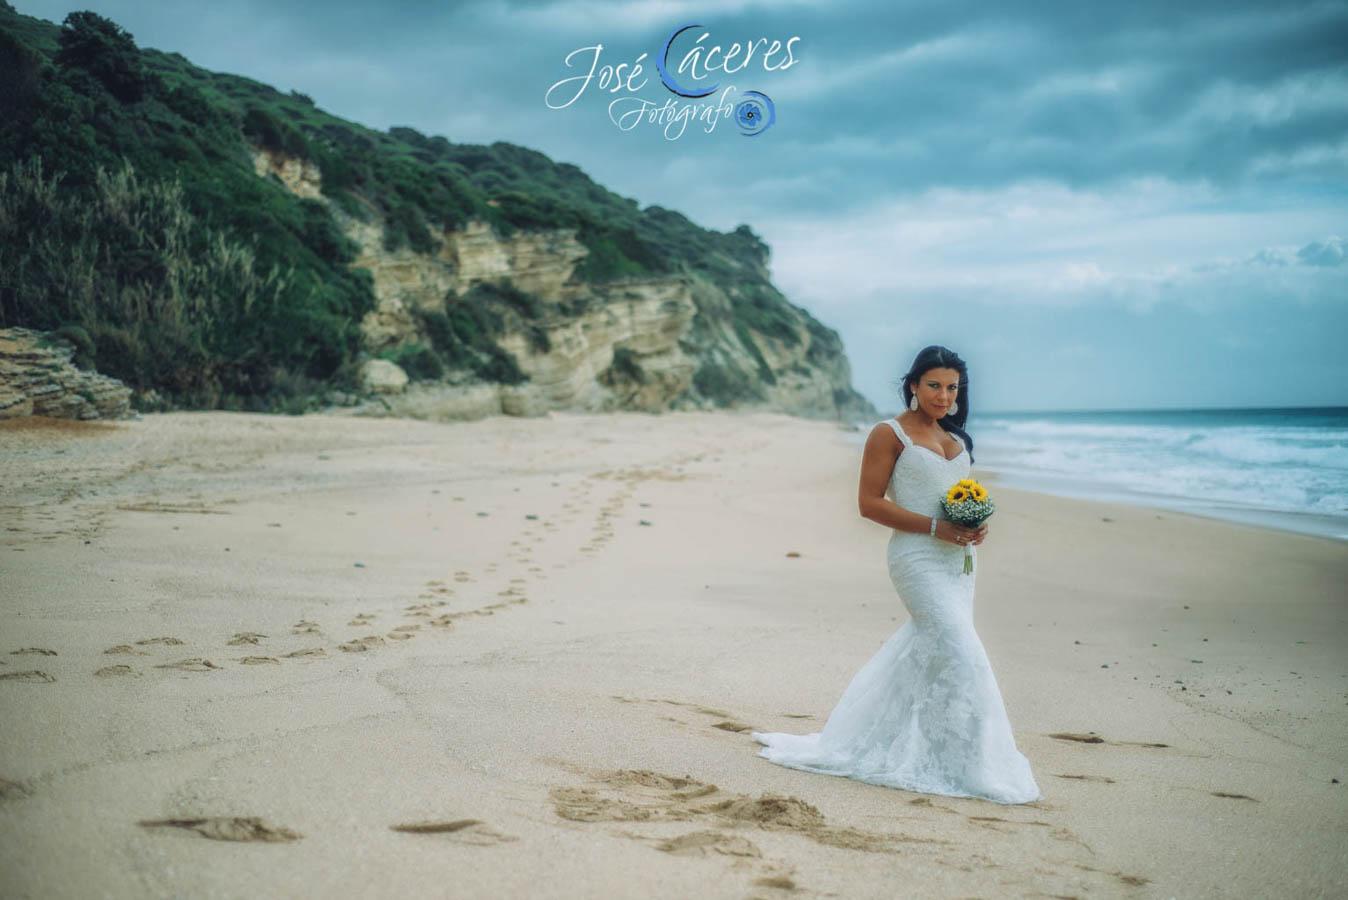 Sesion fotografica de jose caceres fotografia, post boda leticia y jose luis, playas-4